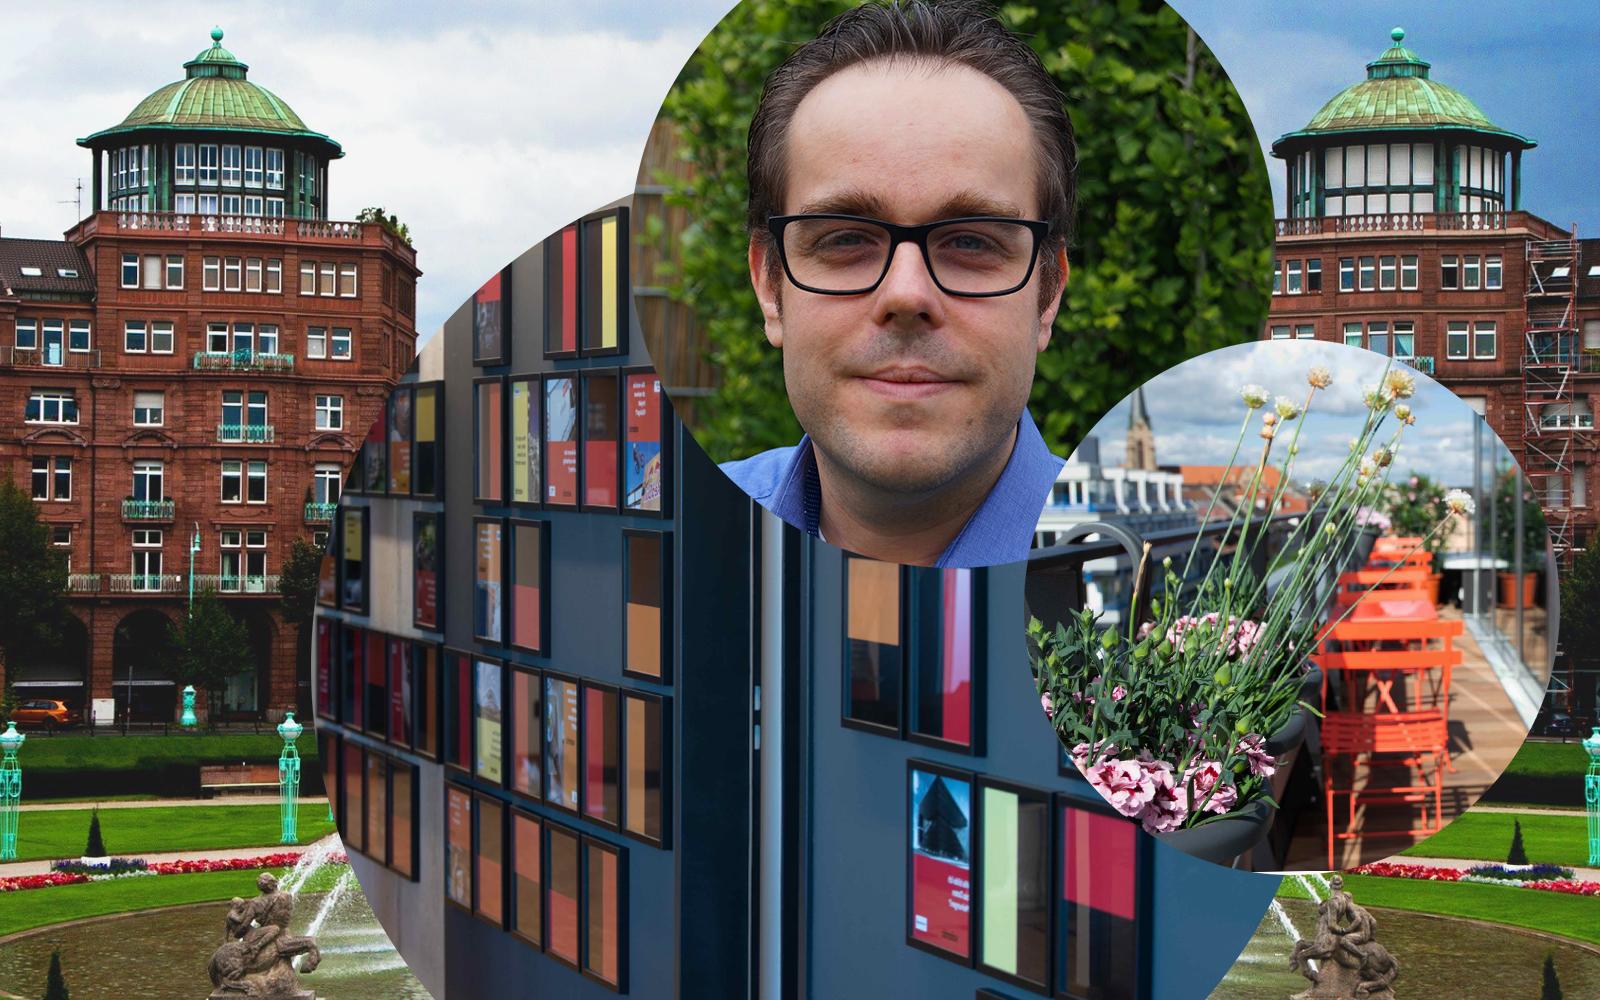 Bild von Christian Tomas, Business Analyst E-Commerce bei valantic CEC in Mannheim